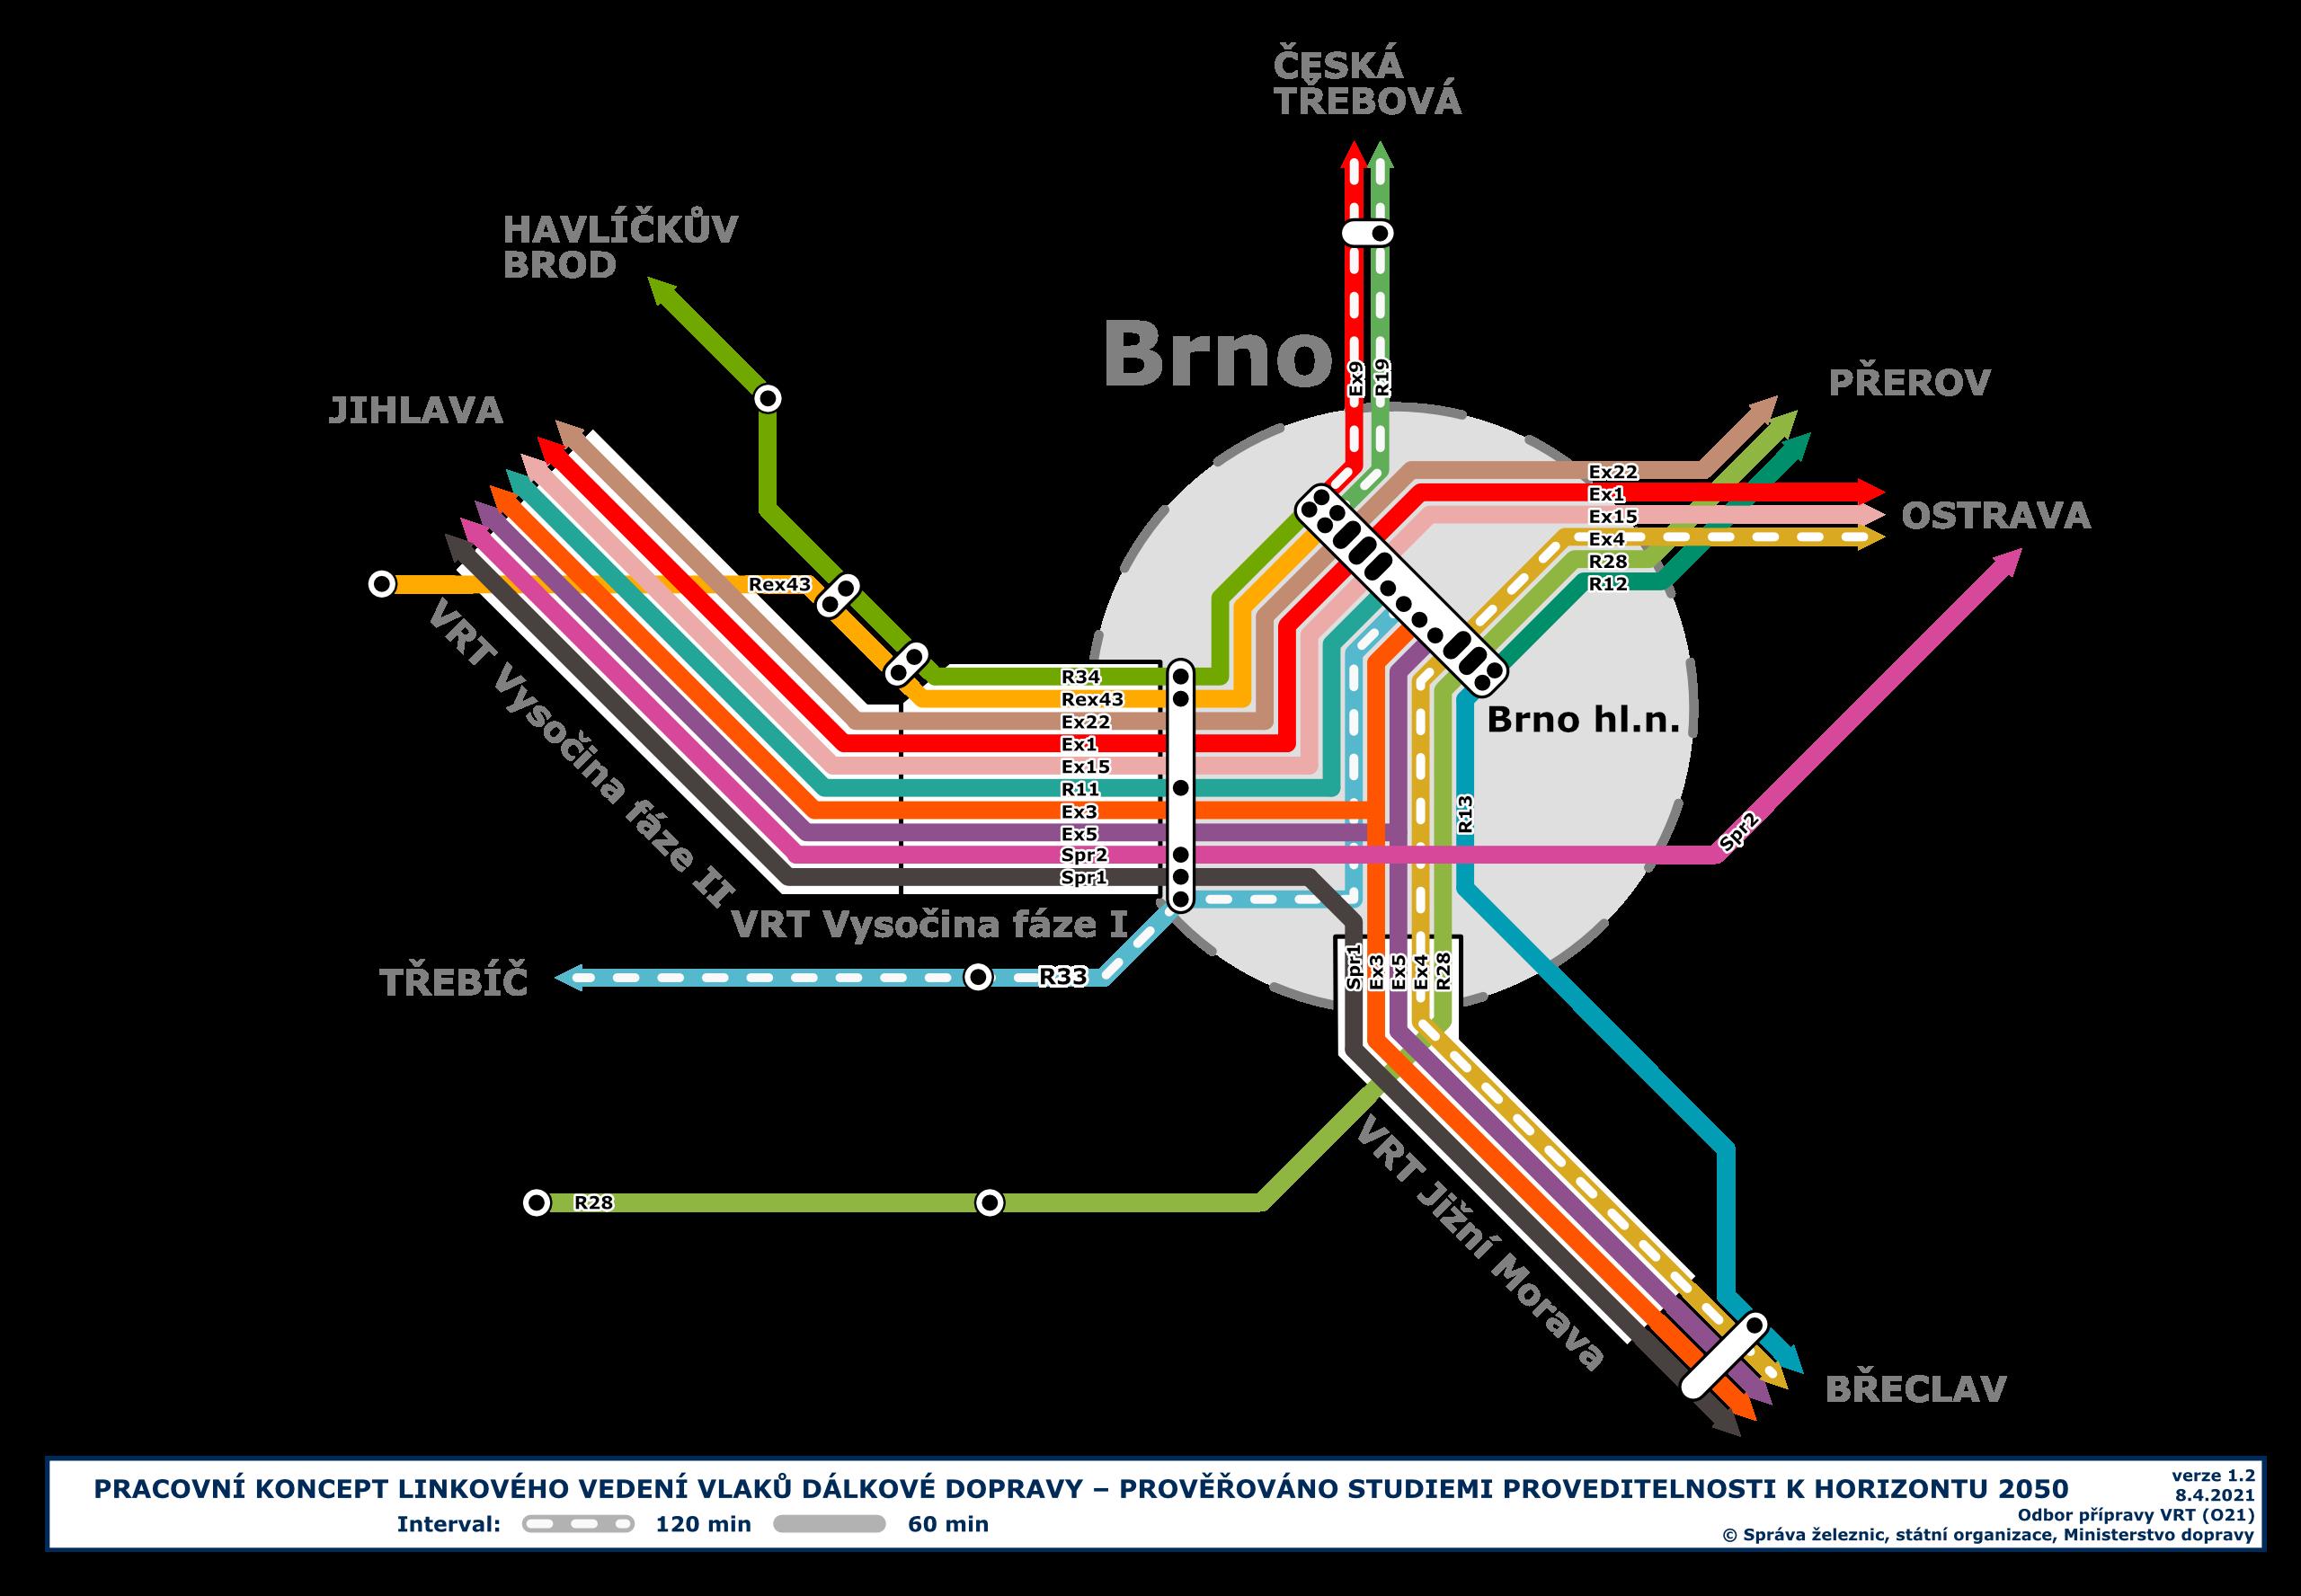 Mapa linkového vedení Brno